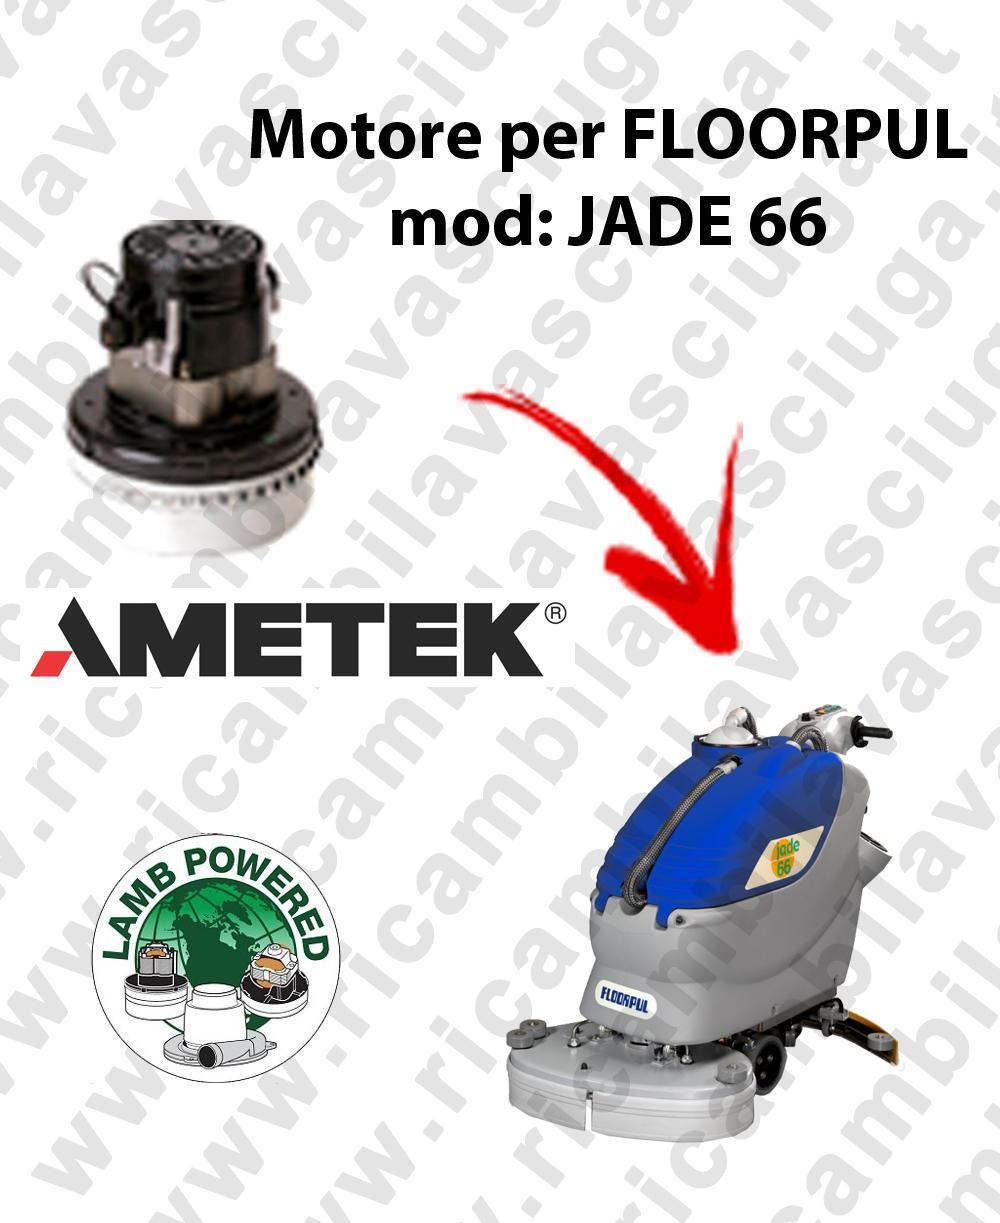 JADE 66 Saugmotor LAMB AMETEK für scheuersaugmaschinen FLOORPUL